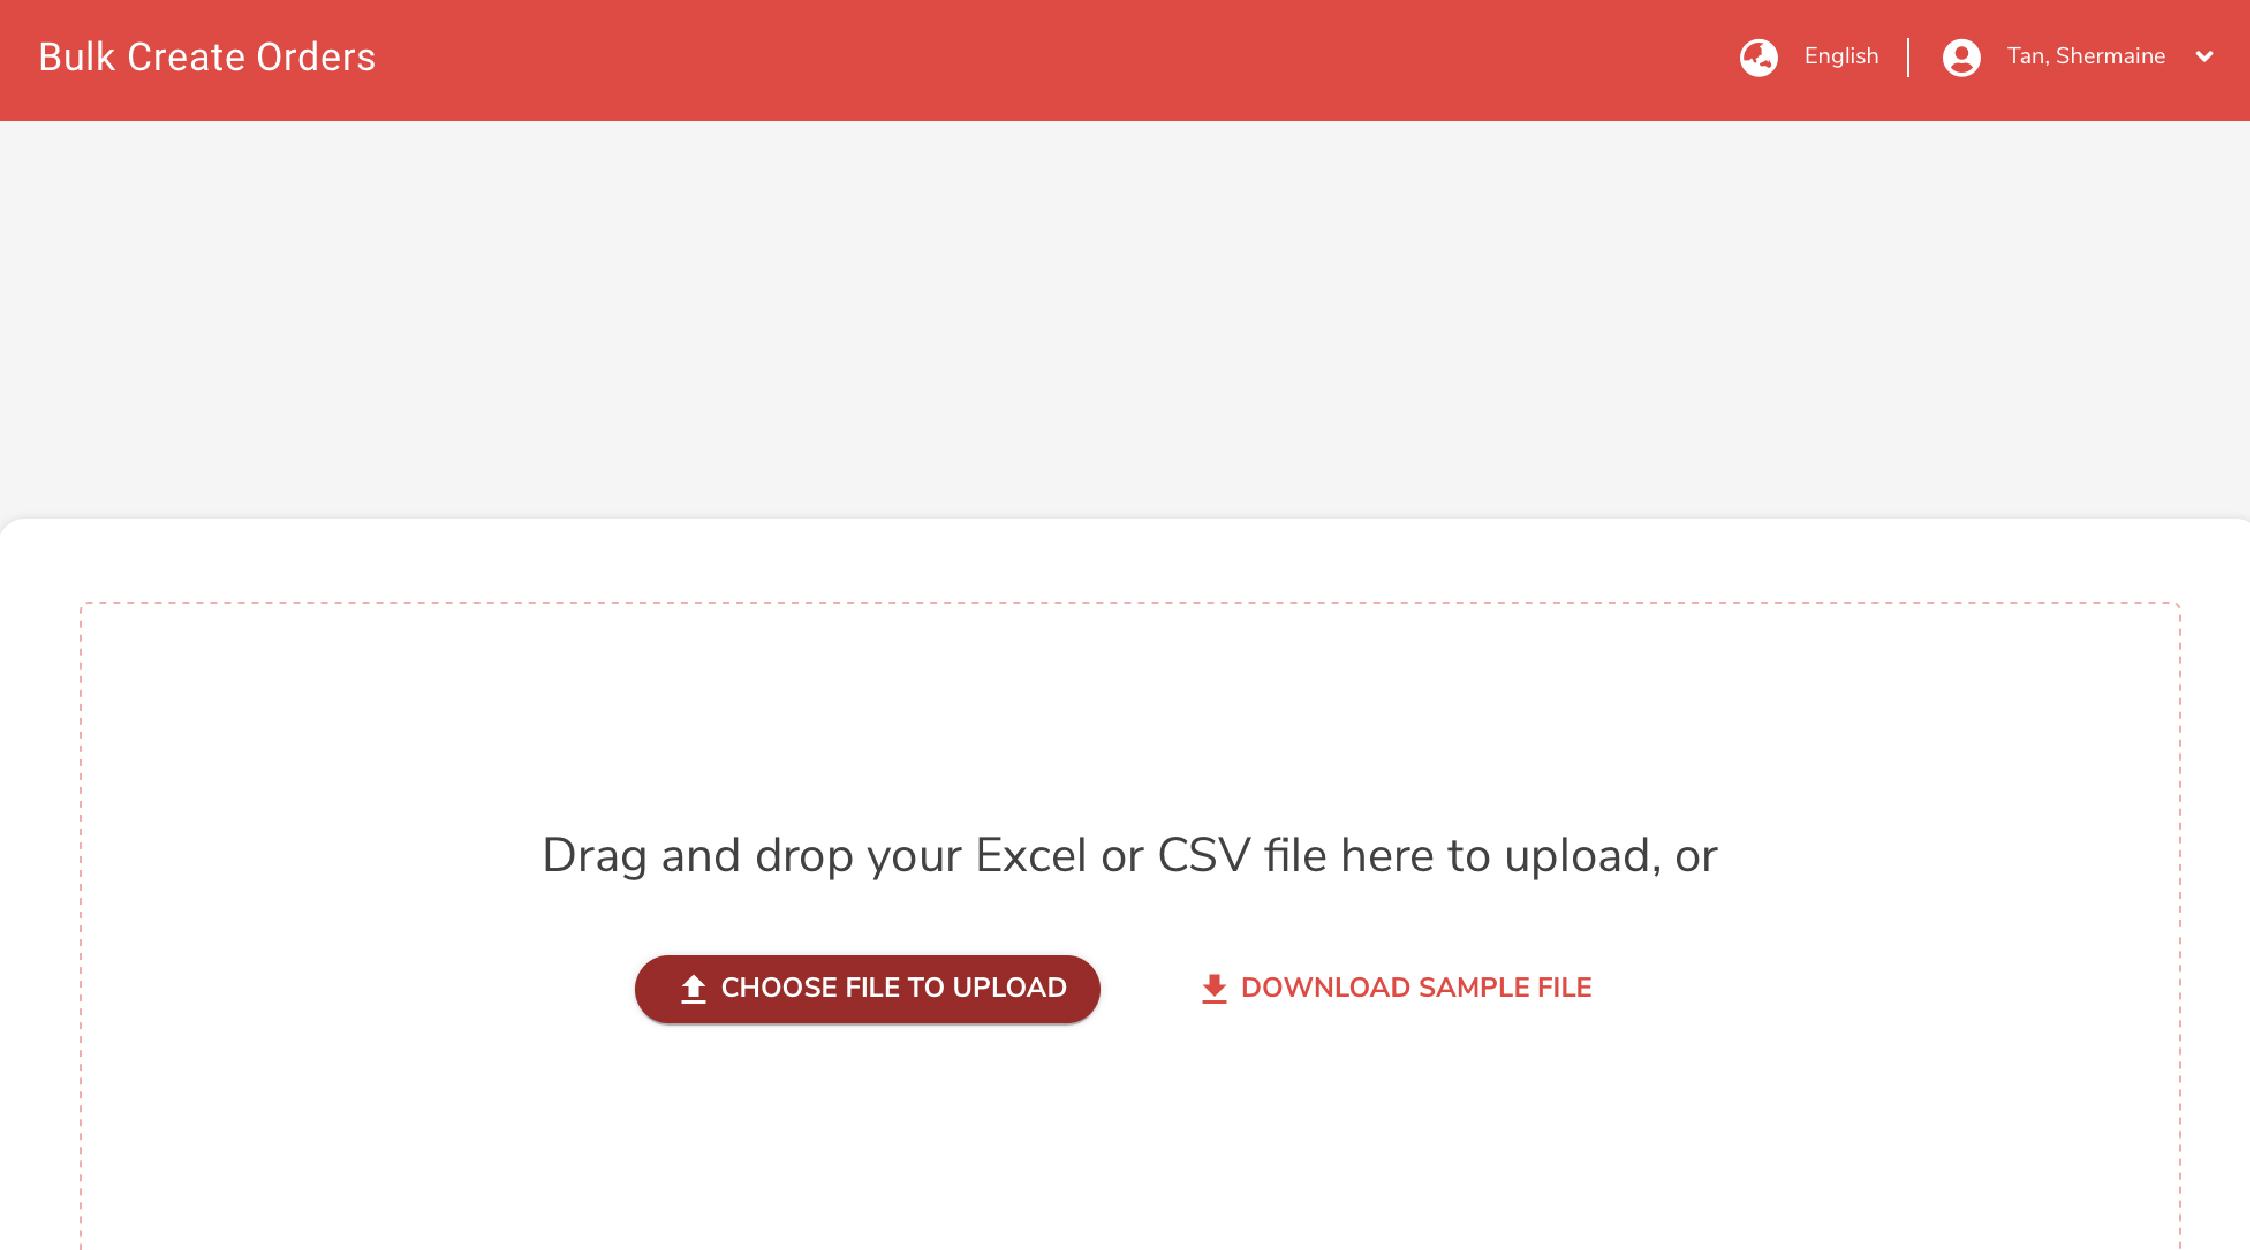 Bulk-Create-Orders-Sample-Template-File